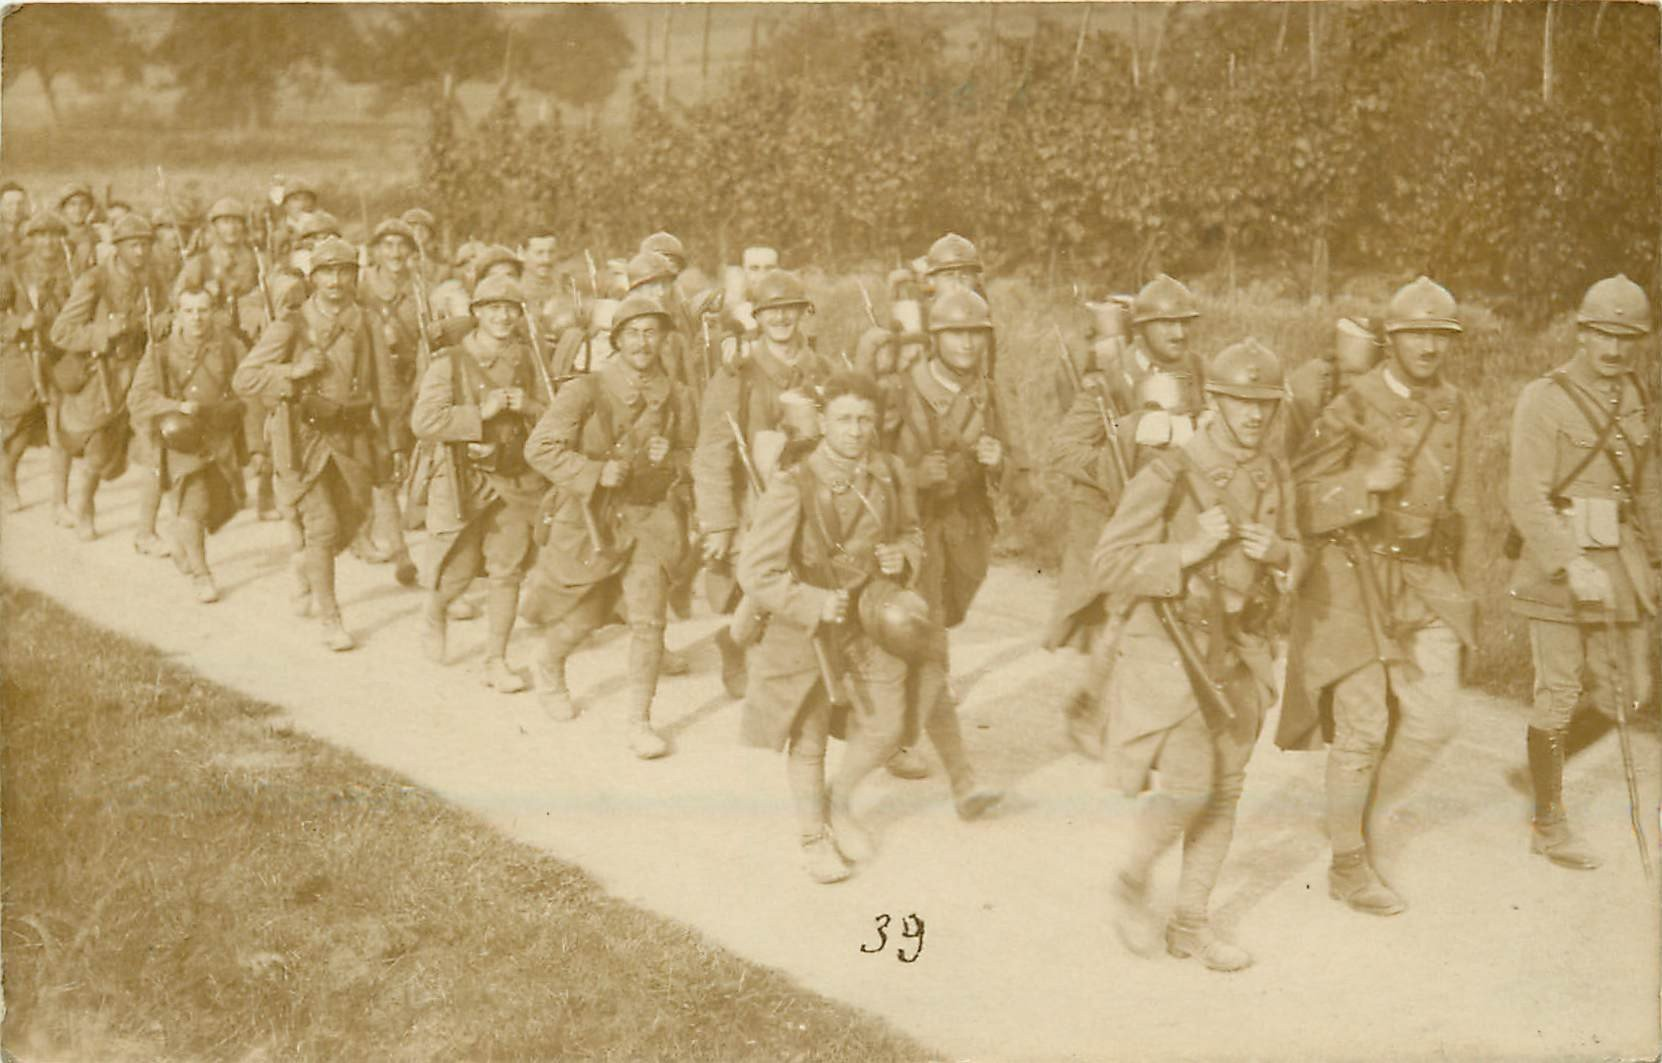 MILITAIRES. La Marche d'un Régiment de Poilus 1923. Photo carte postale ancienne